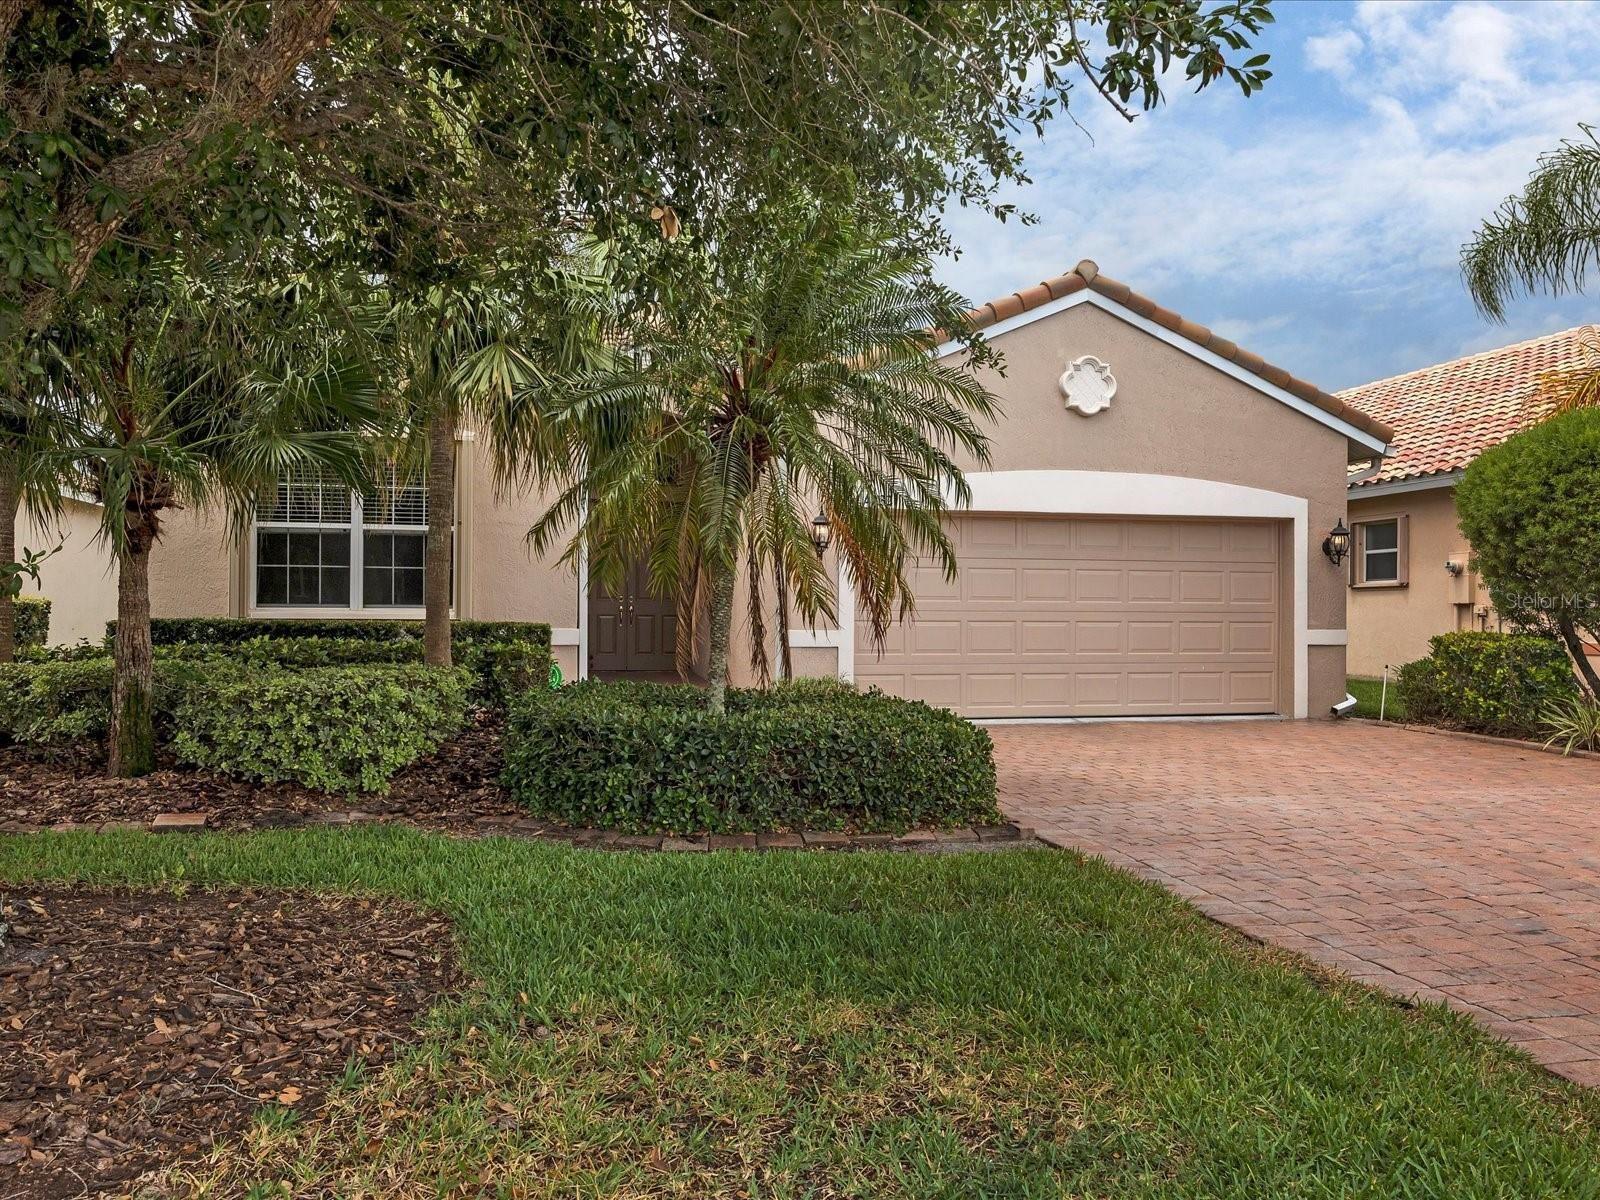 4232 64TH AVENUE E, Sarasota, FL 34243 - #: A4503380